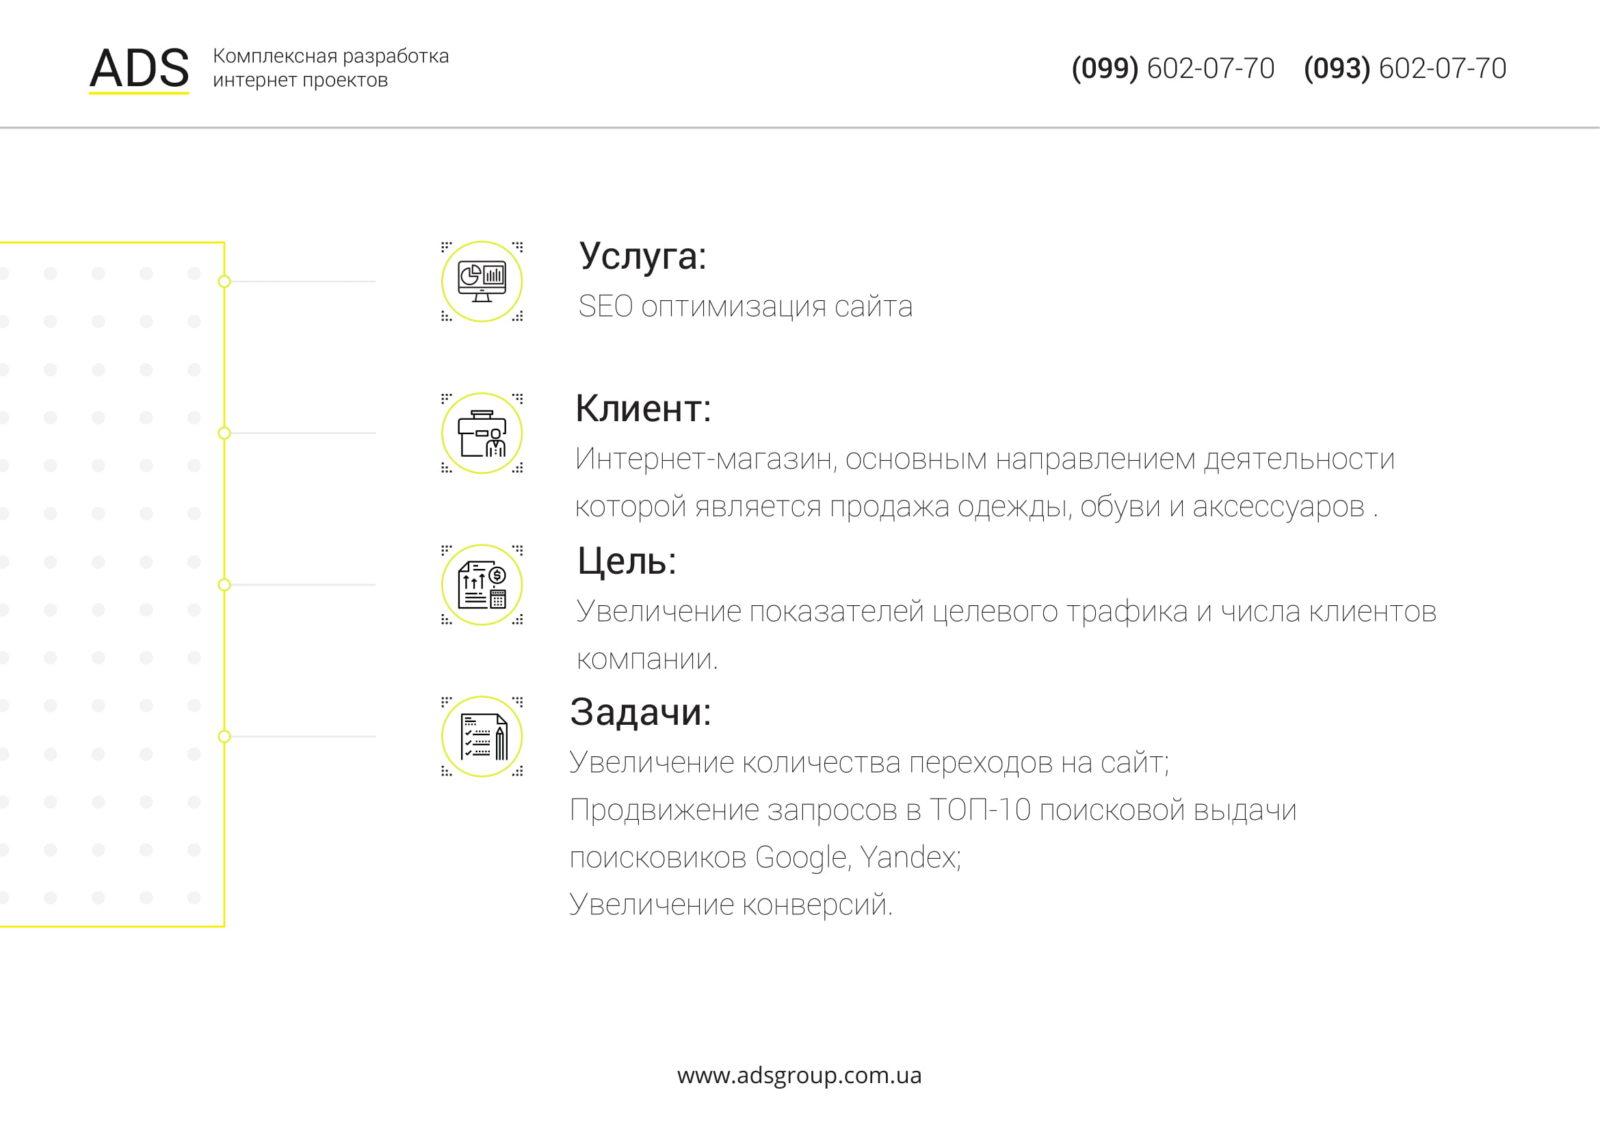 Кейс по SEO-оптимизации интернет-магазина Rusher